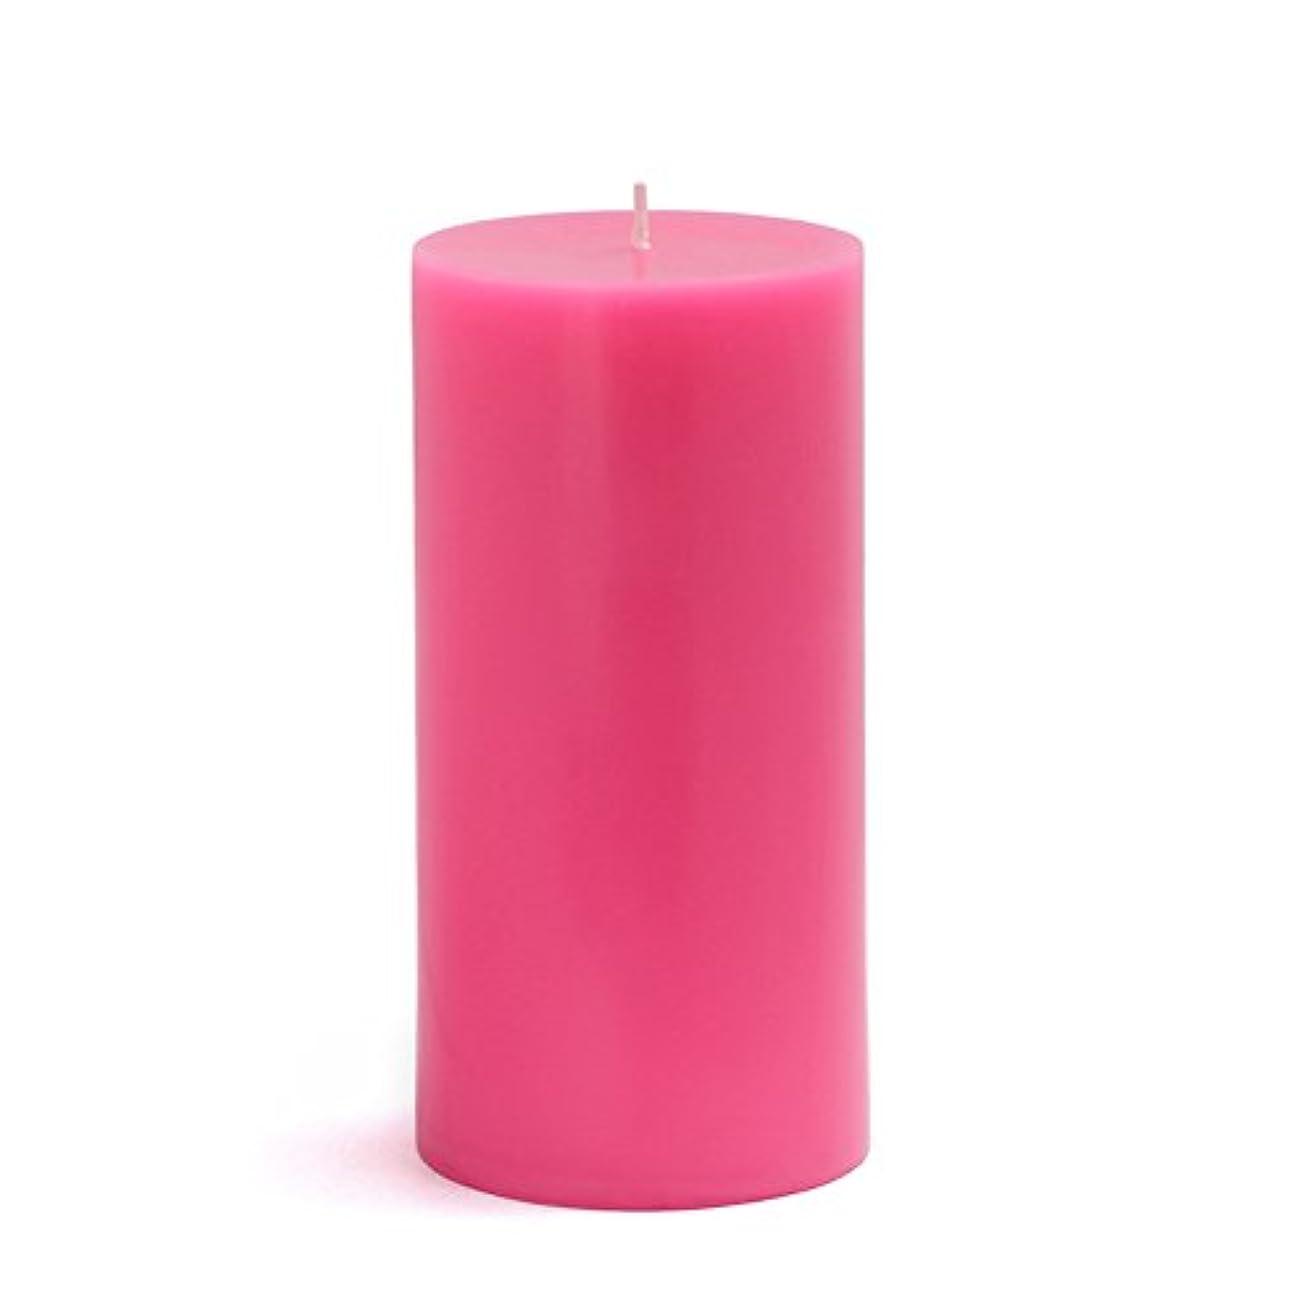 部分的に故障中ミシンZest Candle CPZ-084-12 3 x 6 in. Hot Pink Pillar Candles-12pcs-Case - Bulk